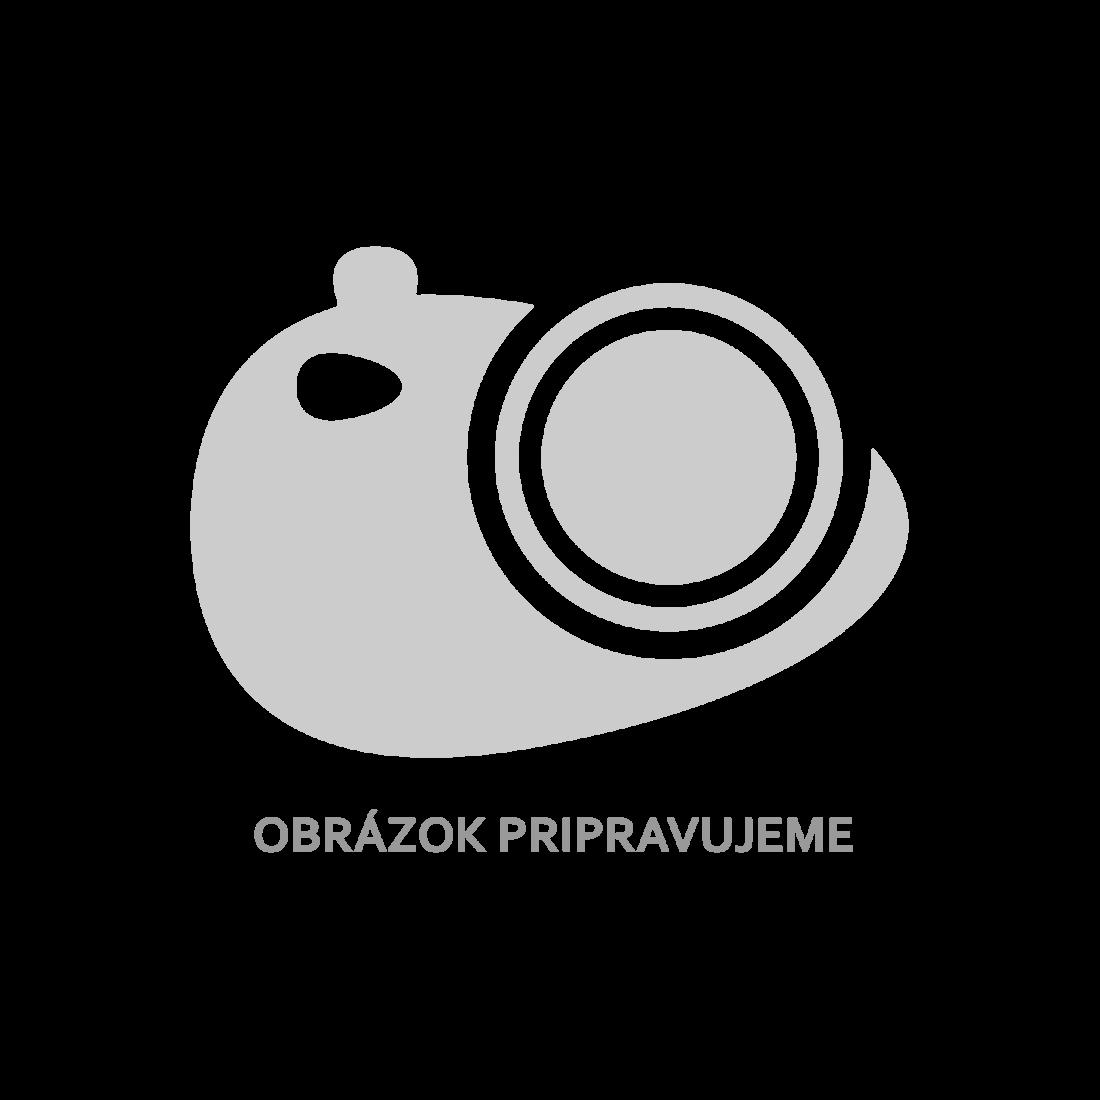 vidaXL Skládací zahradní stůl zelený 79 x 72 x 70 cm plast [48791]